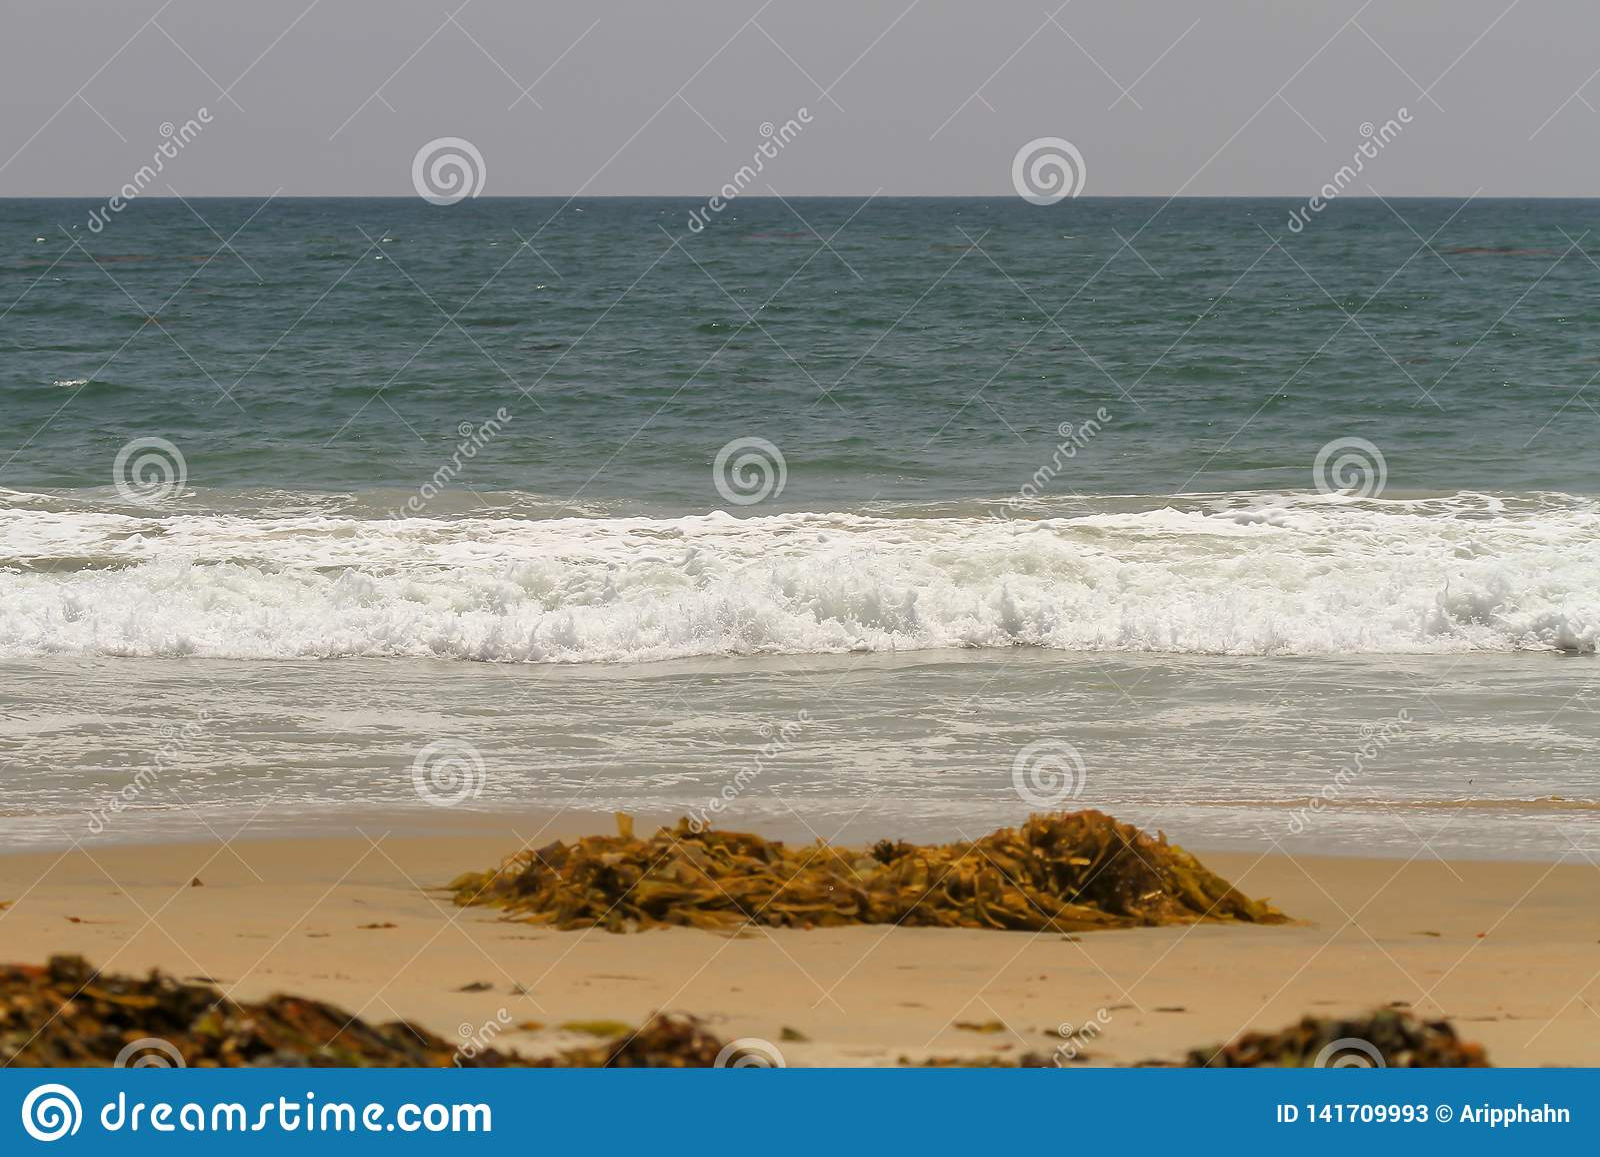 Meerespflanze und Treibgut gewaschen oben auf einem sandigen Strand